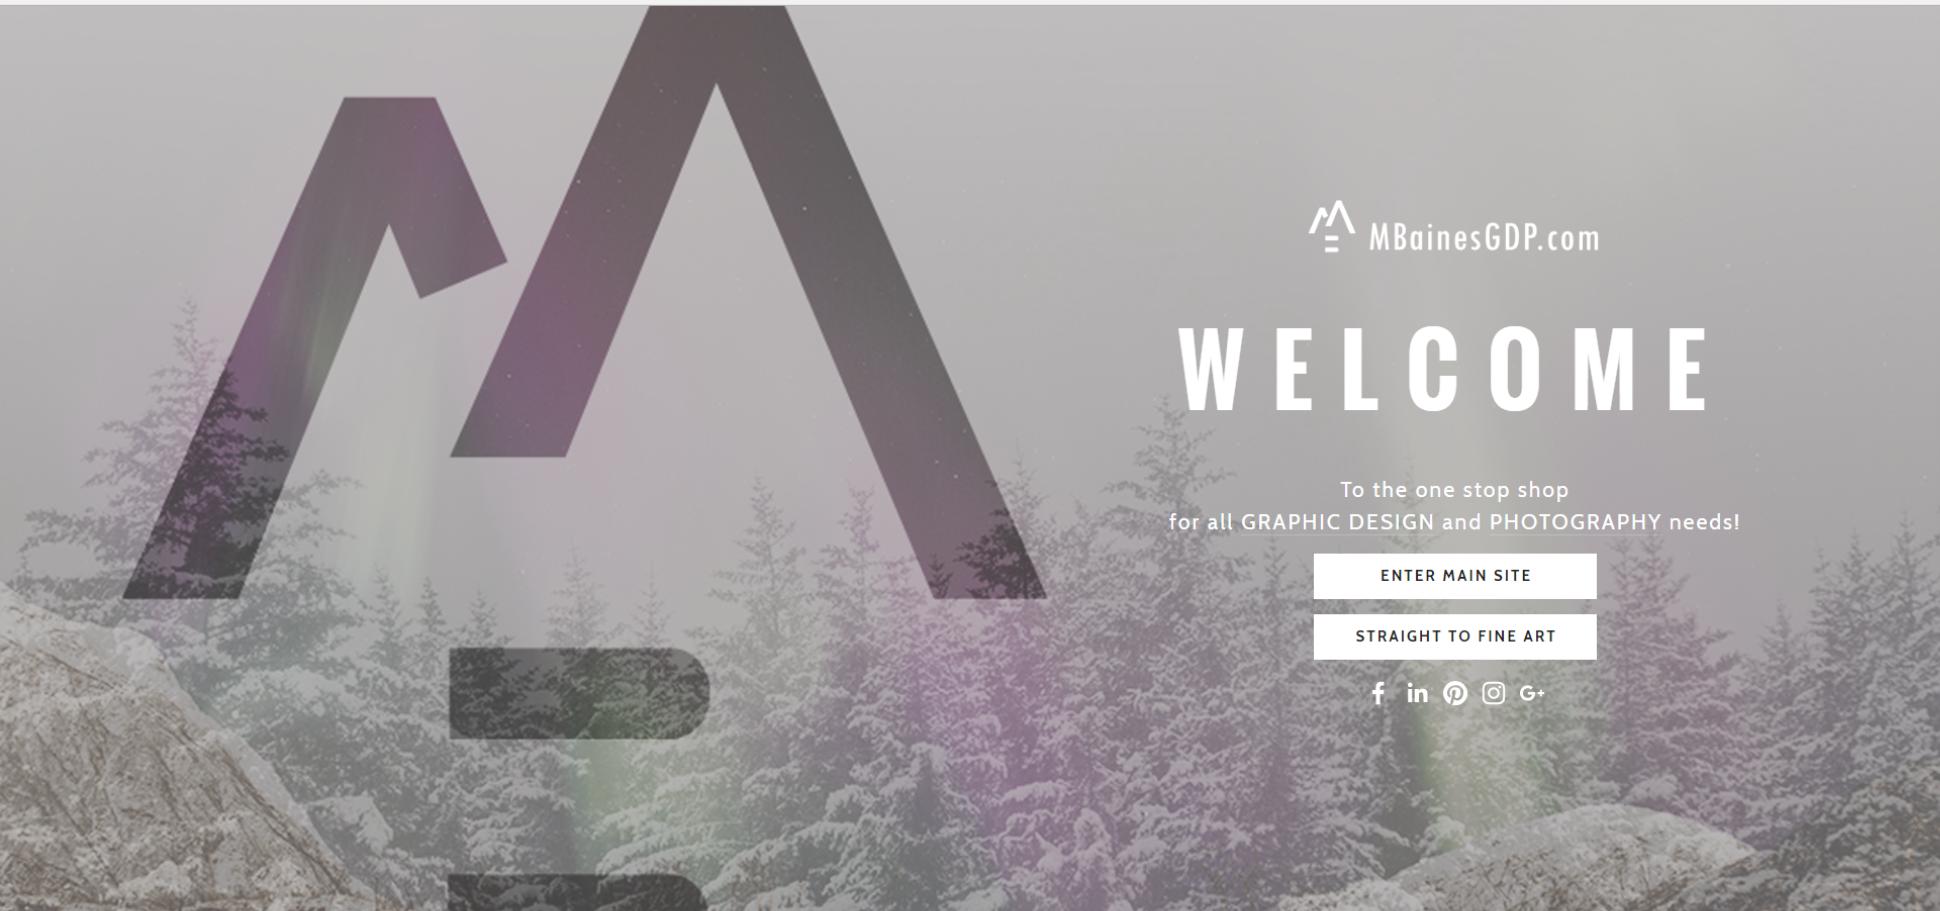 Website designer Mobile, Alabama